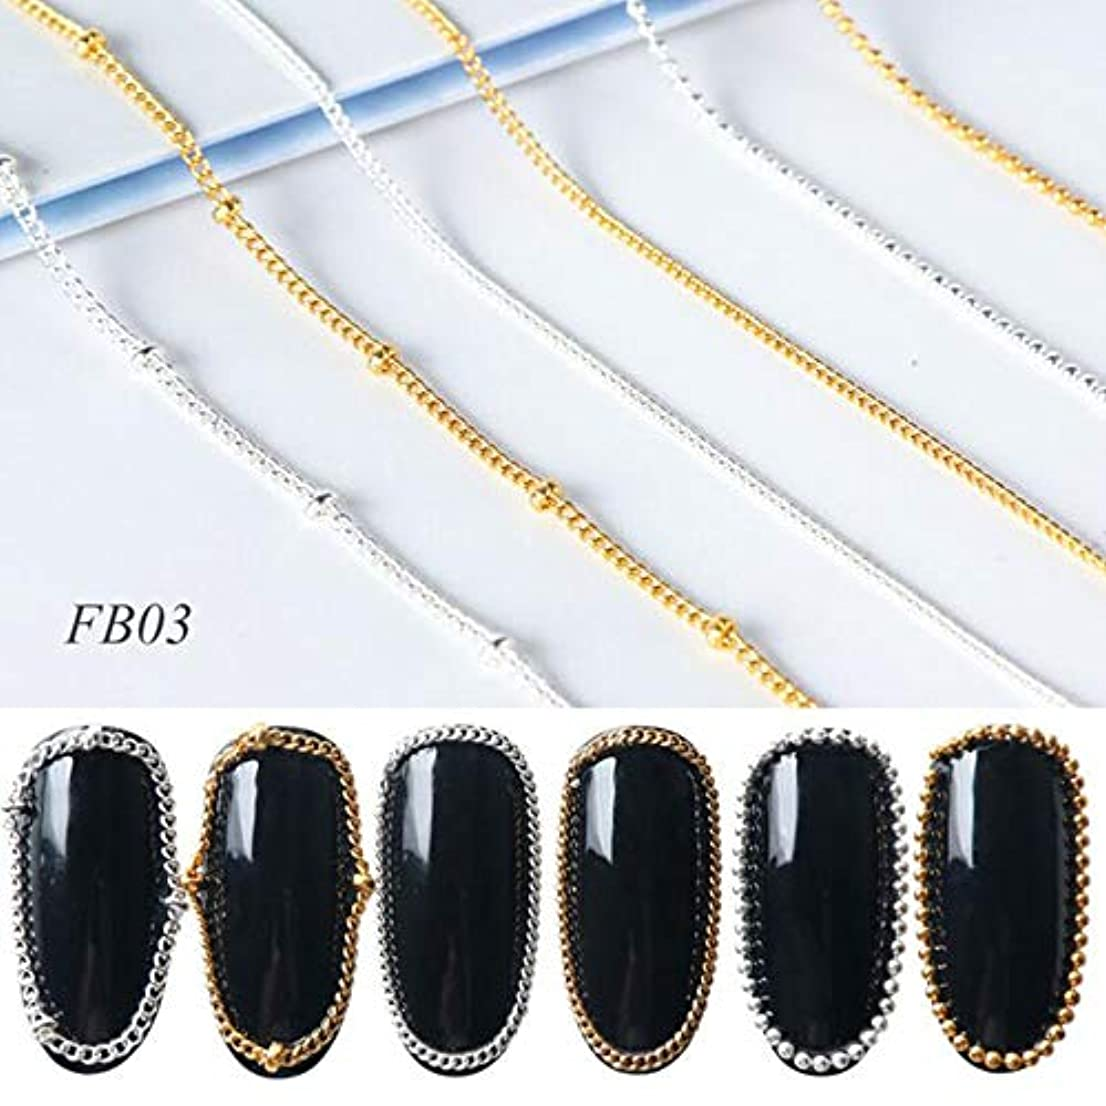 こんにちは潤滑するヒント6PCSラインストーンのために釘リンクチェーンネイルアートゴールド合金ラインストーンの装飾3Dダイヤモンドストーンチャームジュエリーアクセサリー,3